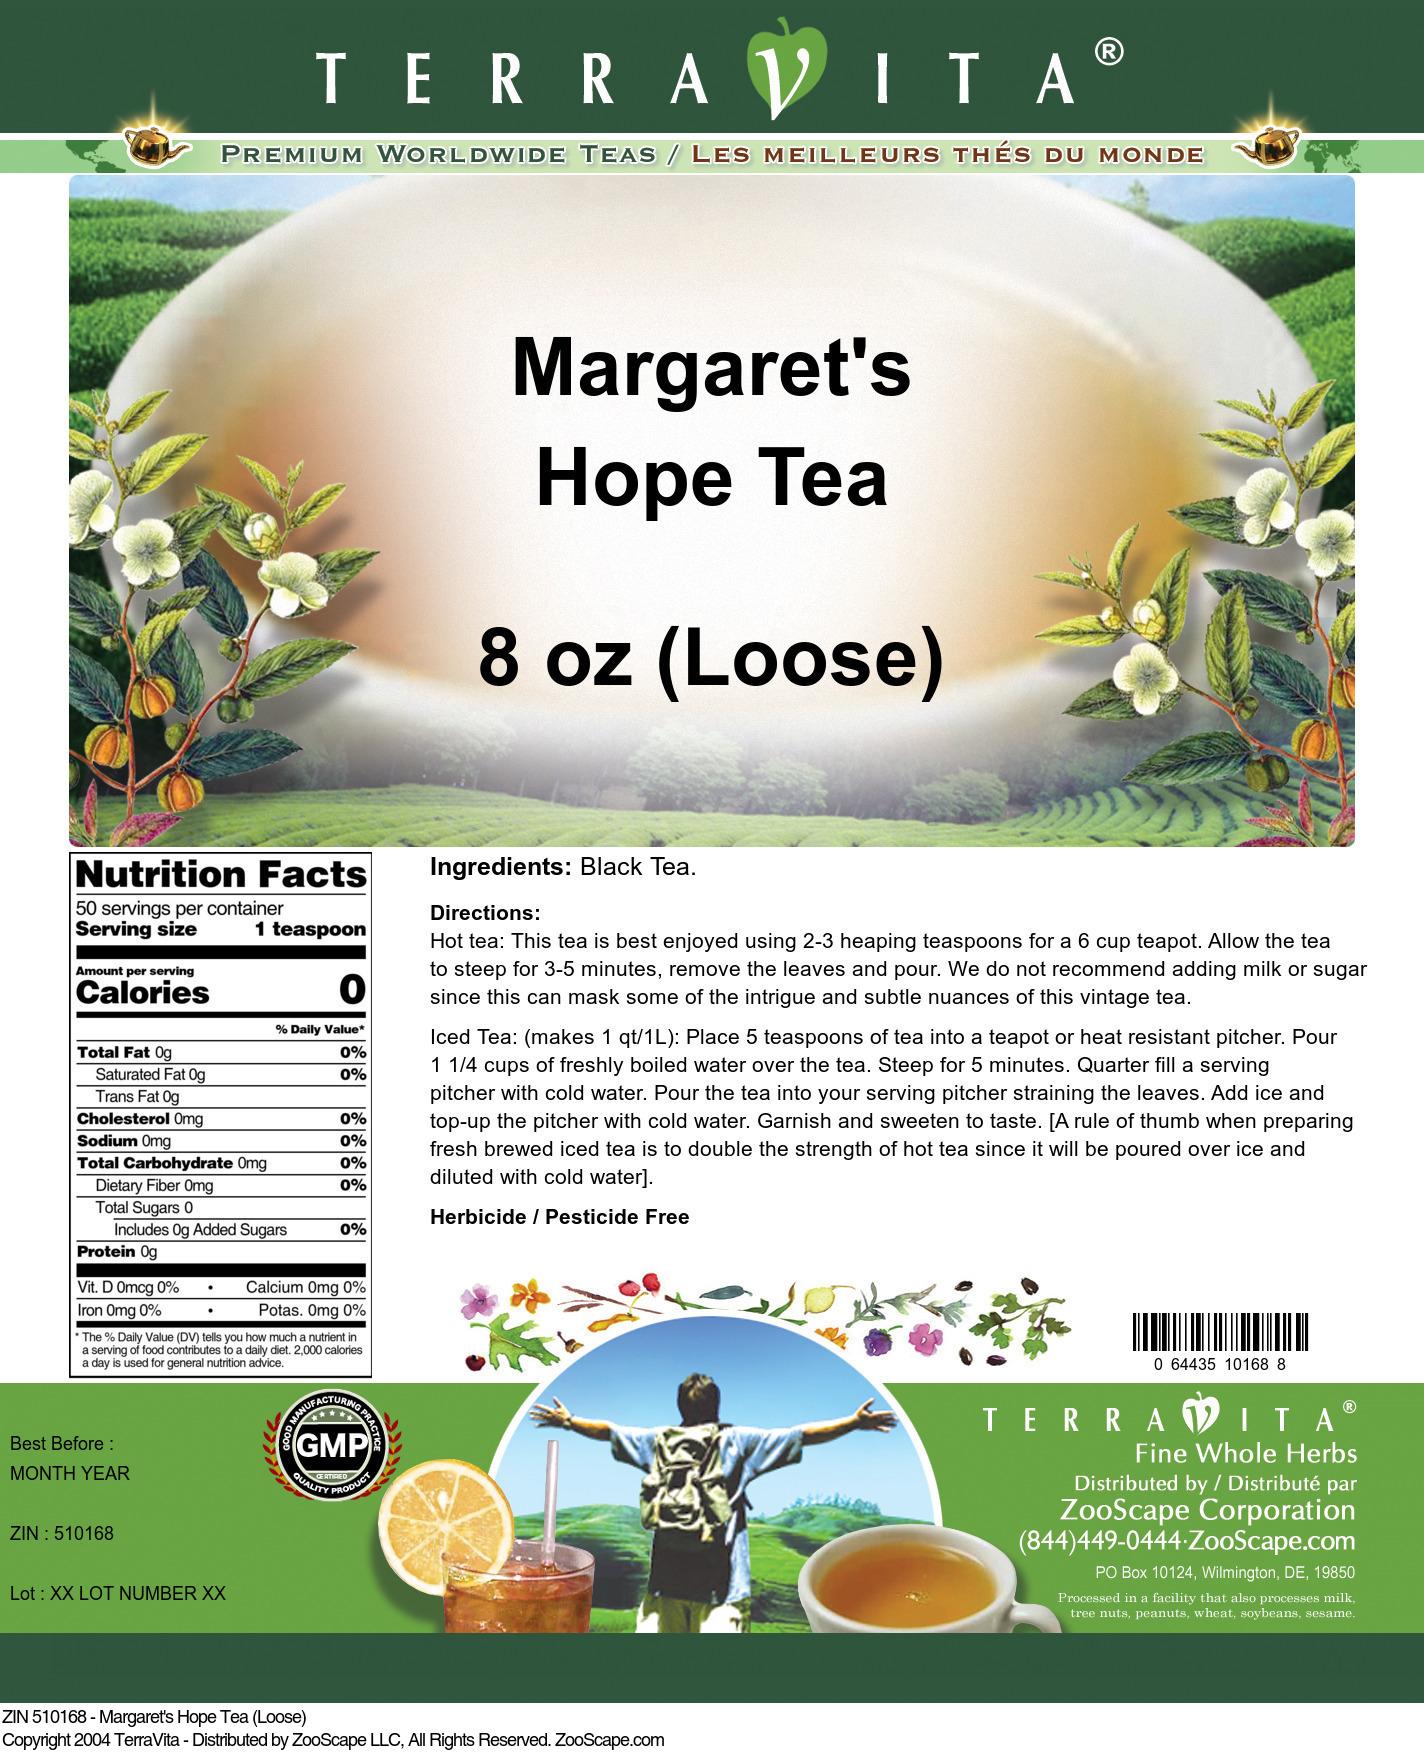 Margaret's Hope